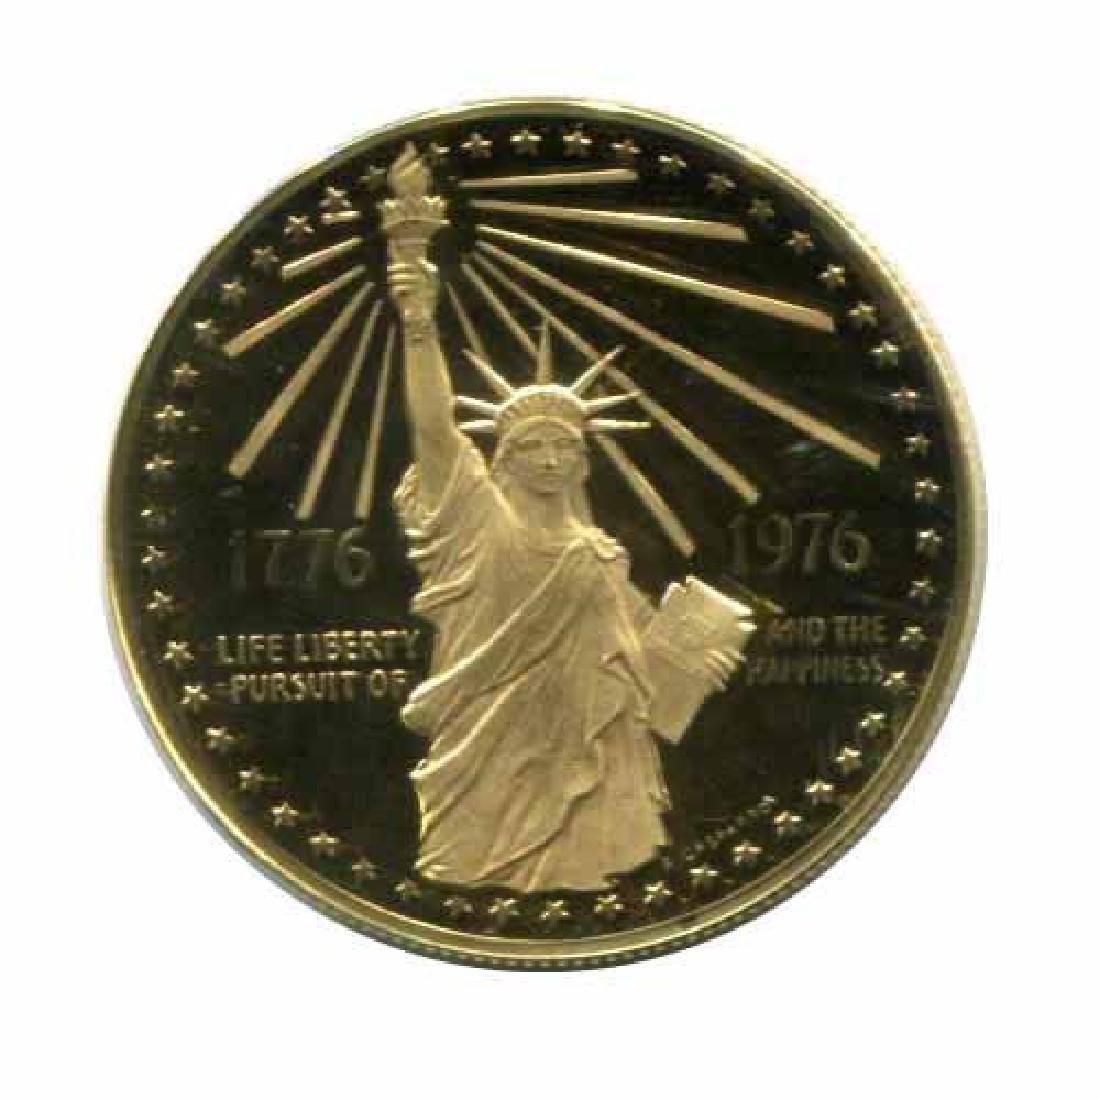 1976 Bicentennial gold Medal 40.1g. PF